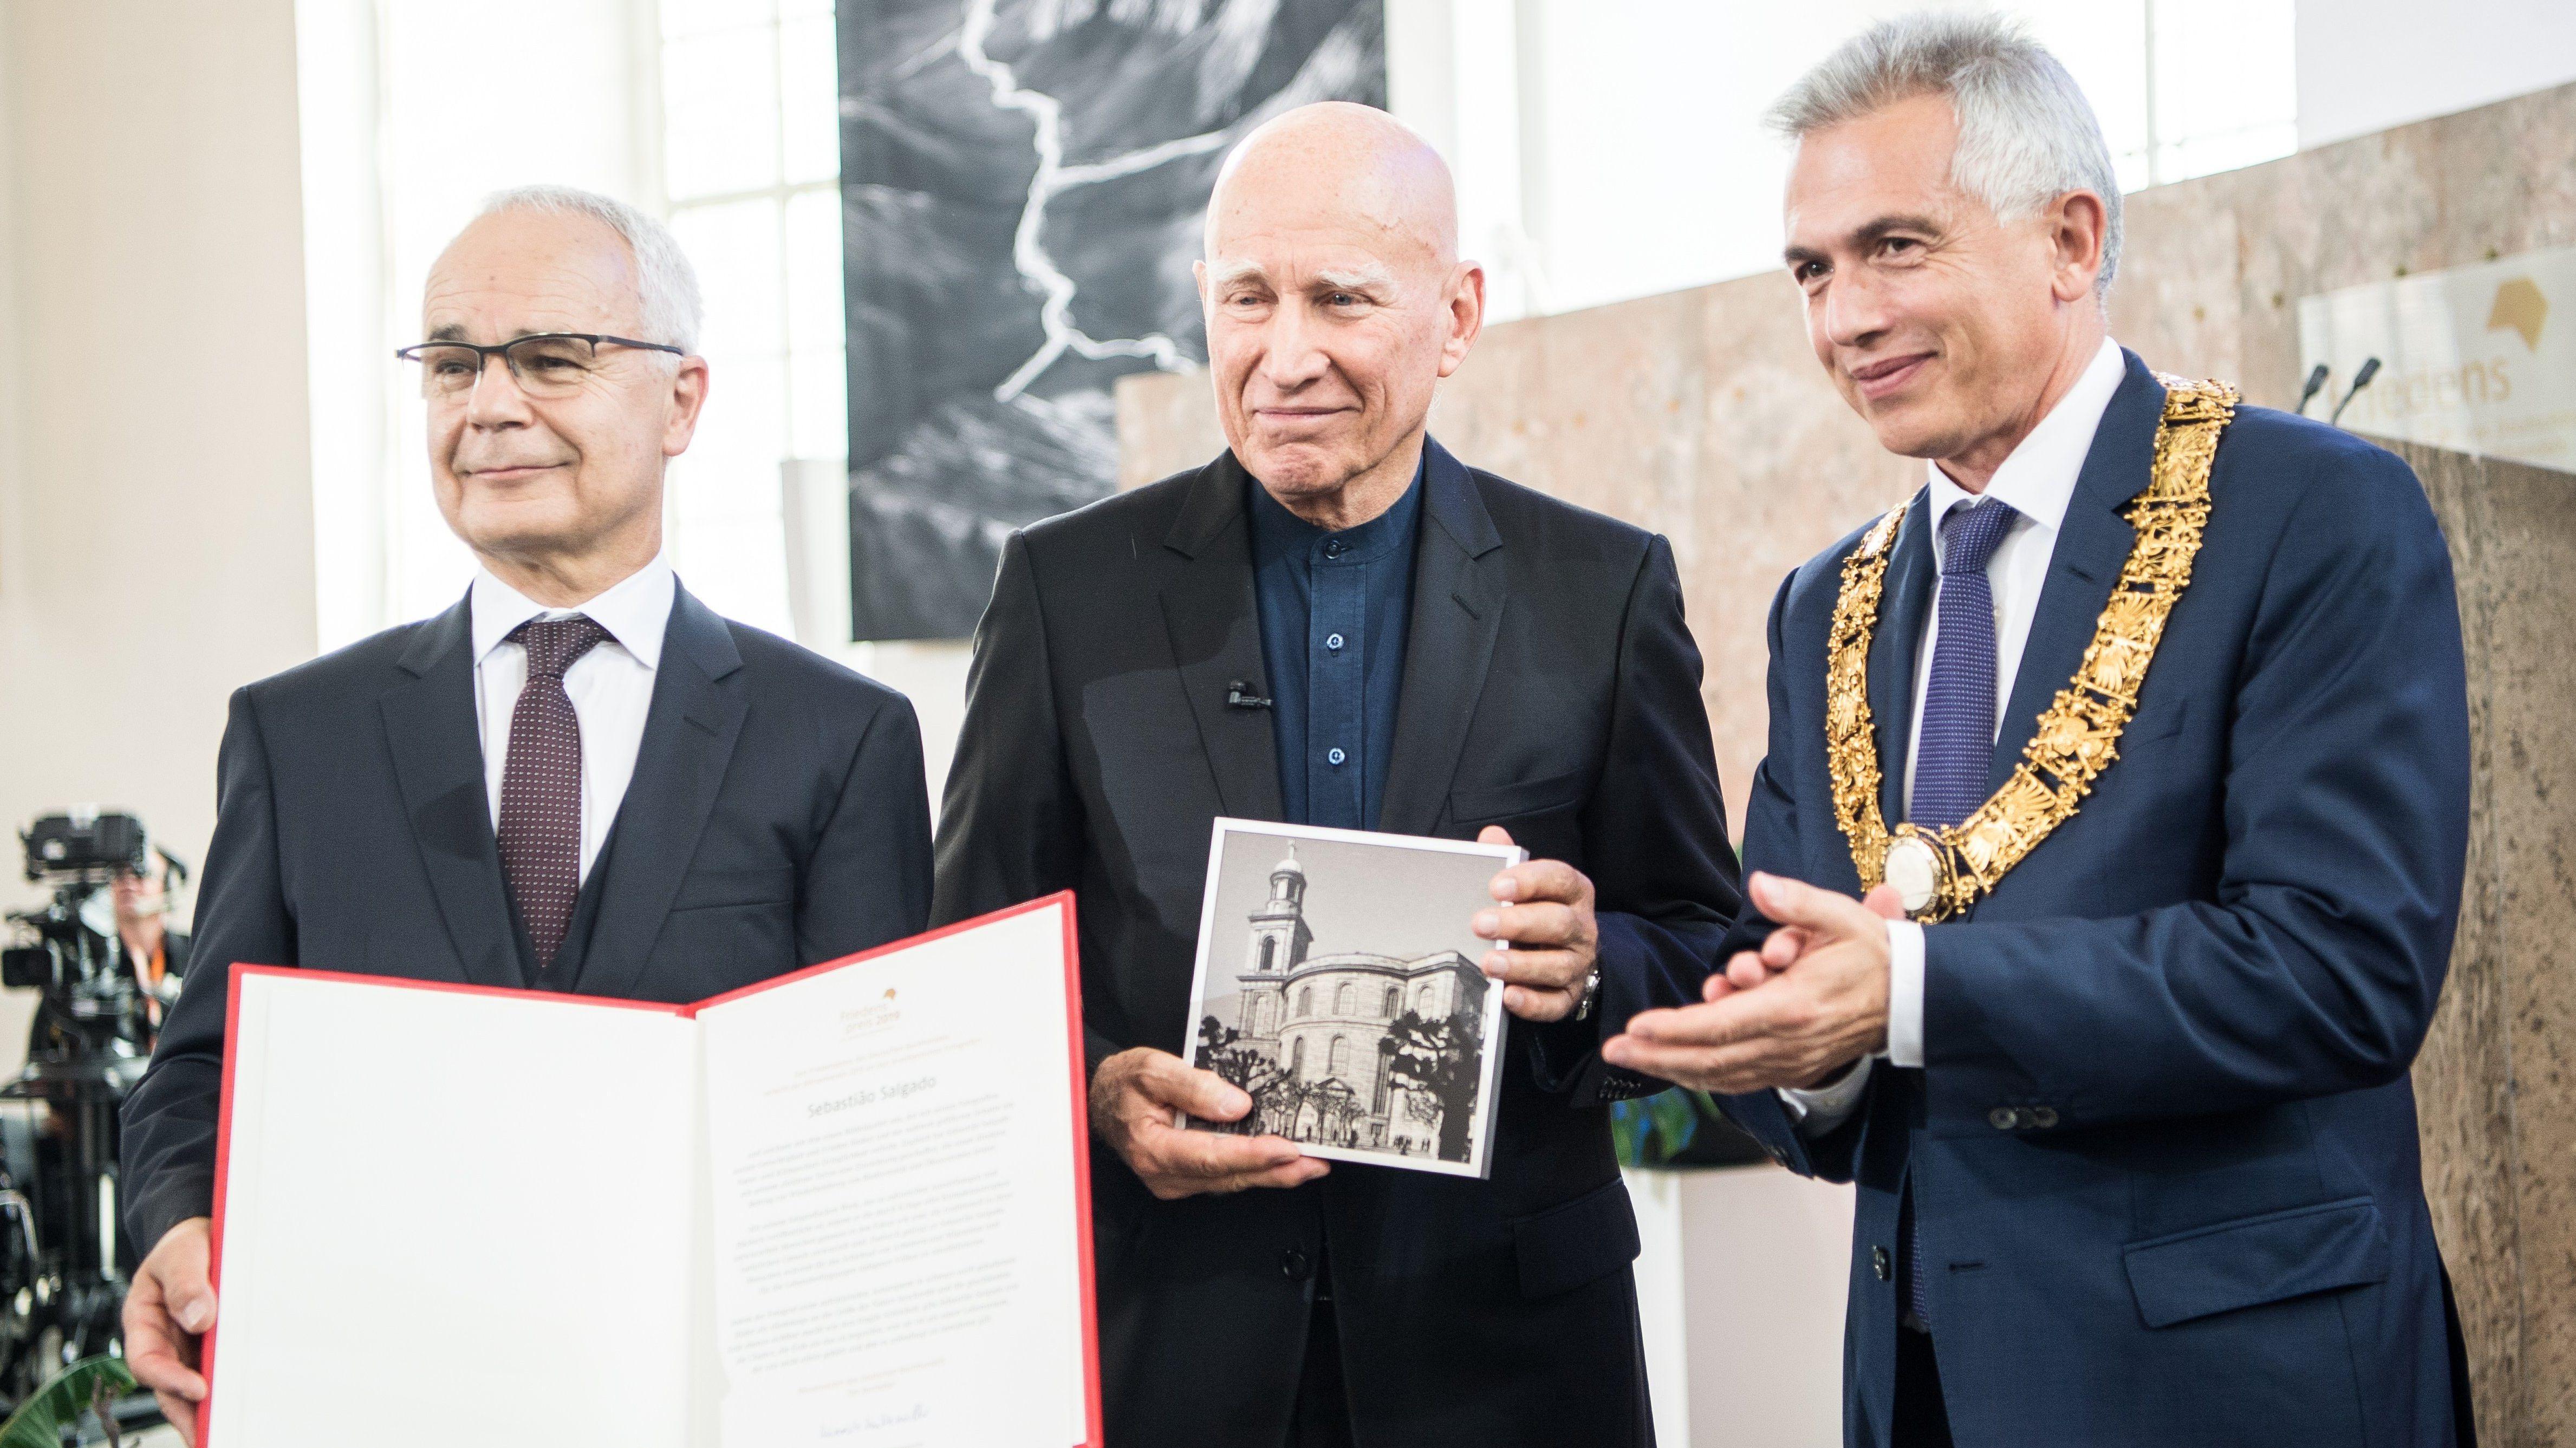 Heinrich Riethmüller (l-r), Vorsteher des Börsenvereins des Deutschen Buchhandels, Sebastiao Salgado, Fotograf, und Peter Feldmann (SPD), Oberbürgermeister von Frankfurt am Main, stehen nach der Preisverleihung in der Paulskirche zusammen.